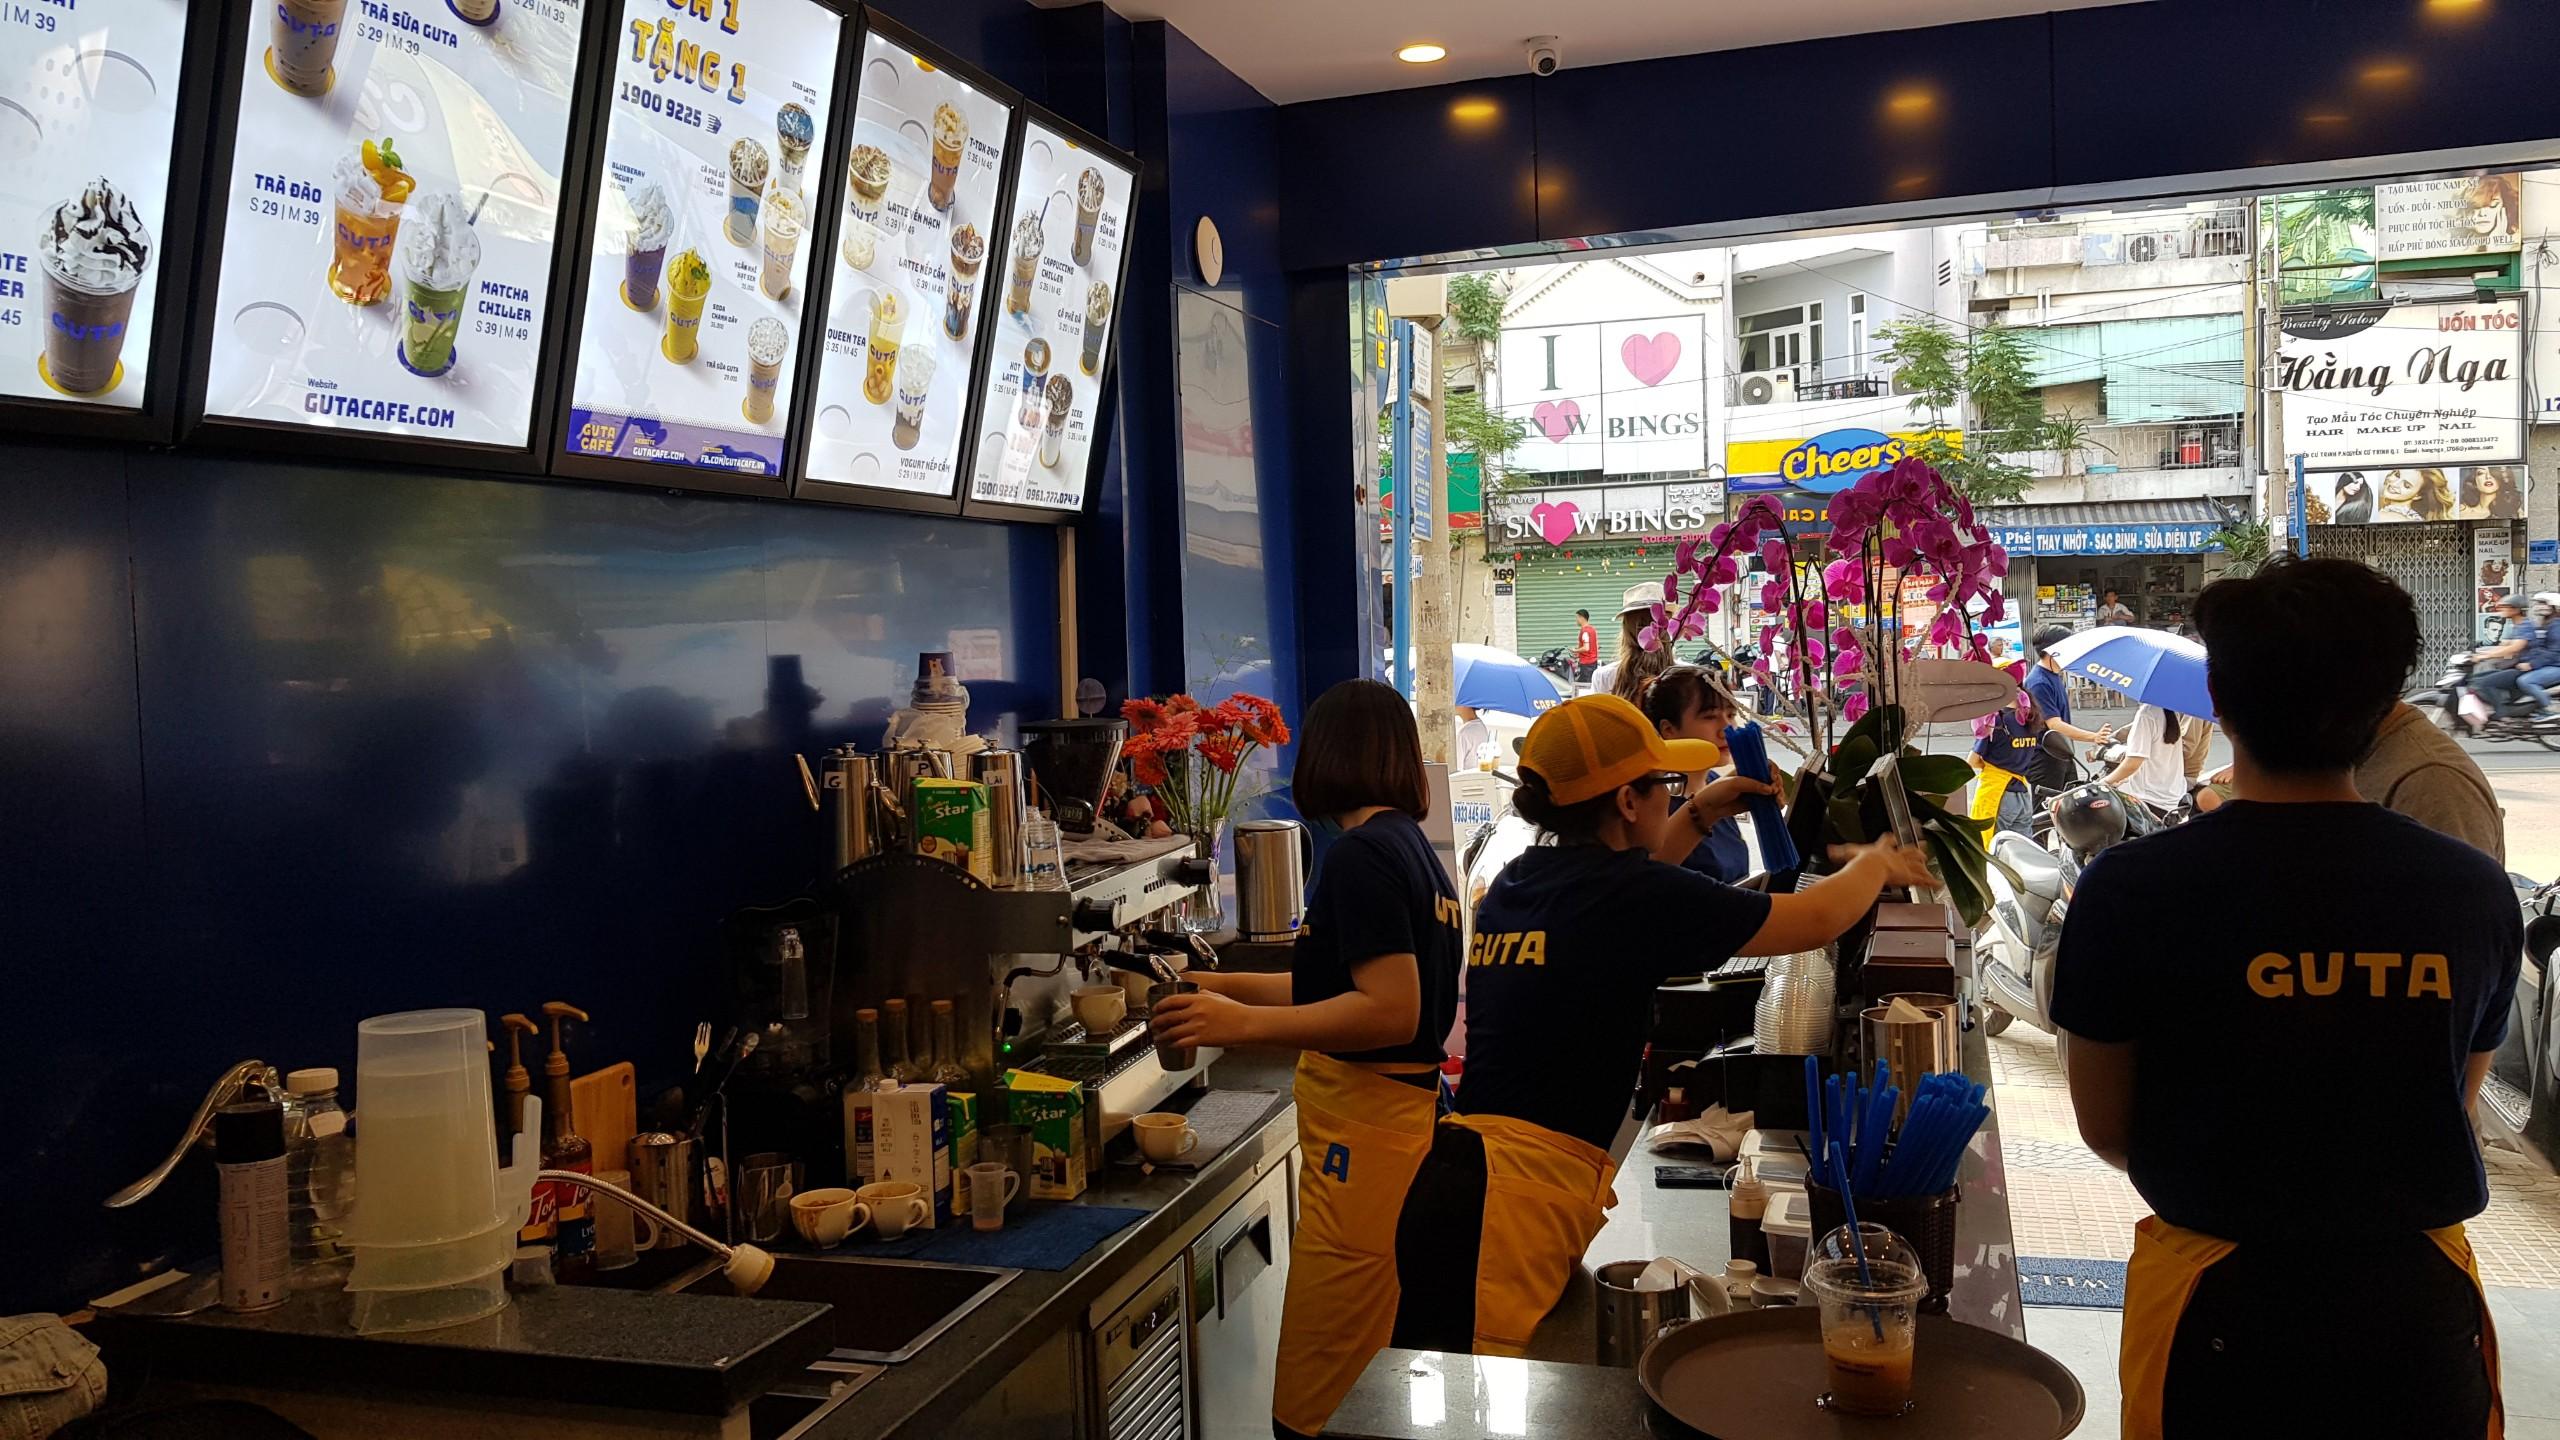 4 lý do GUTA Cafe lựa chọn máy pha cà phê BEZZERA cho chuỗi hơn 50 cửa hàng mini shop cafe tiện lợi?